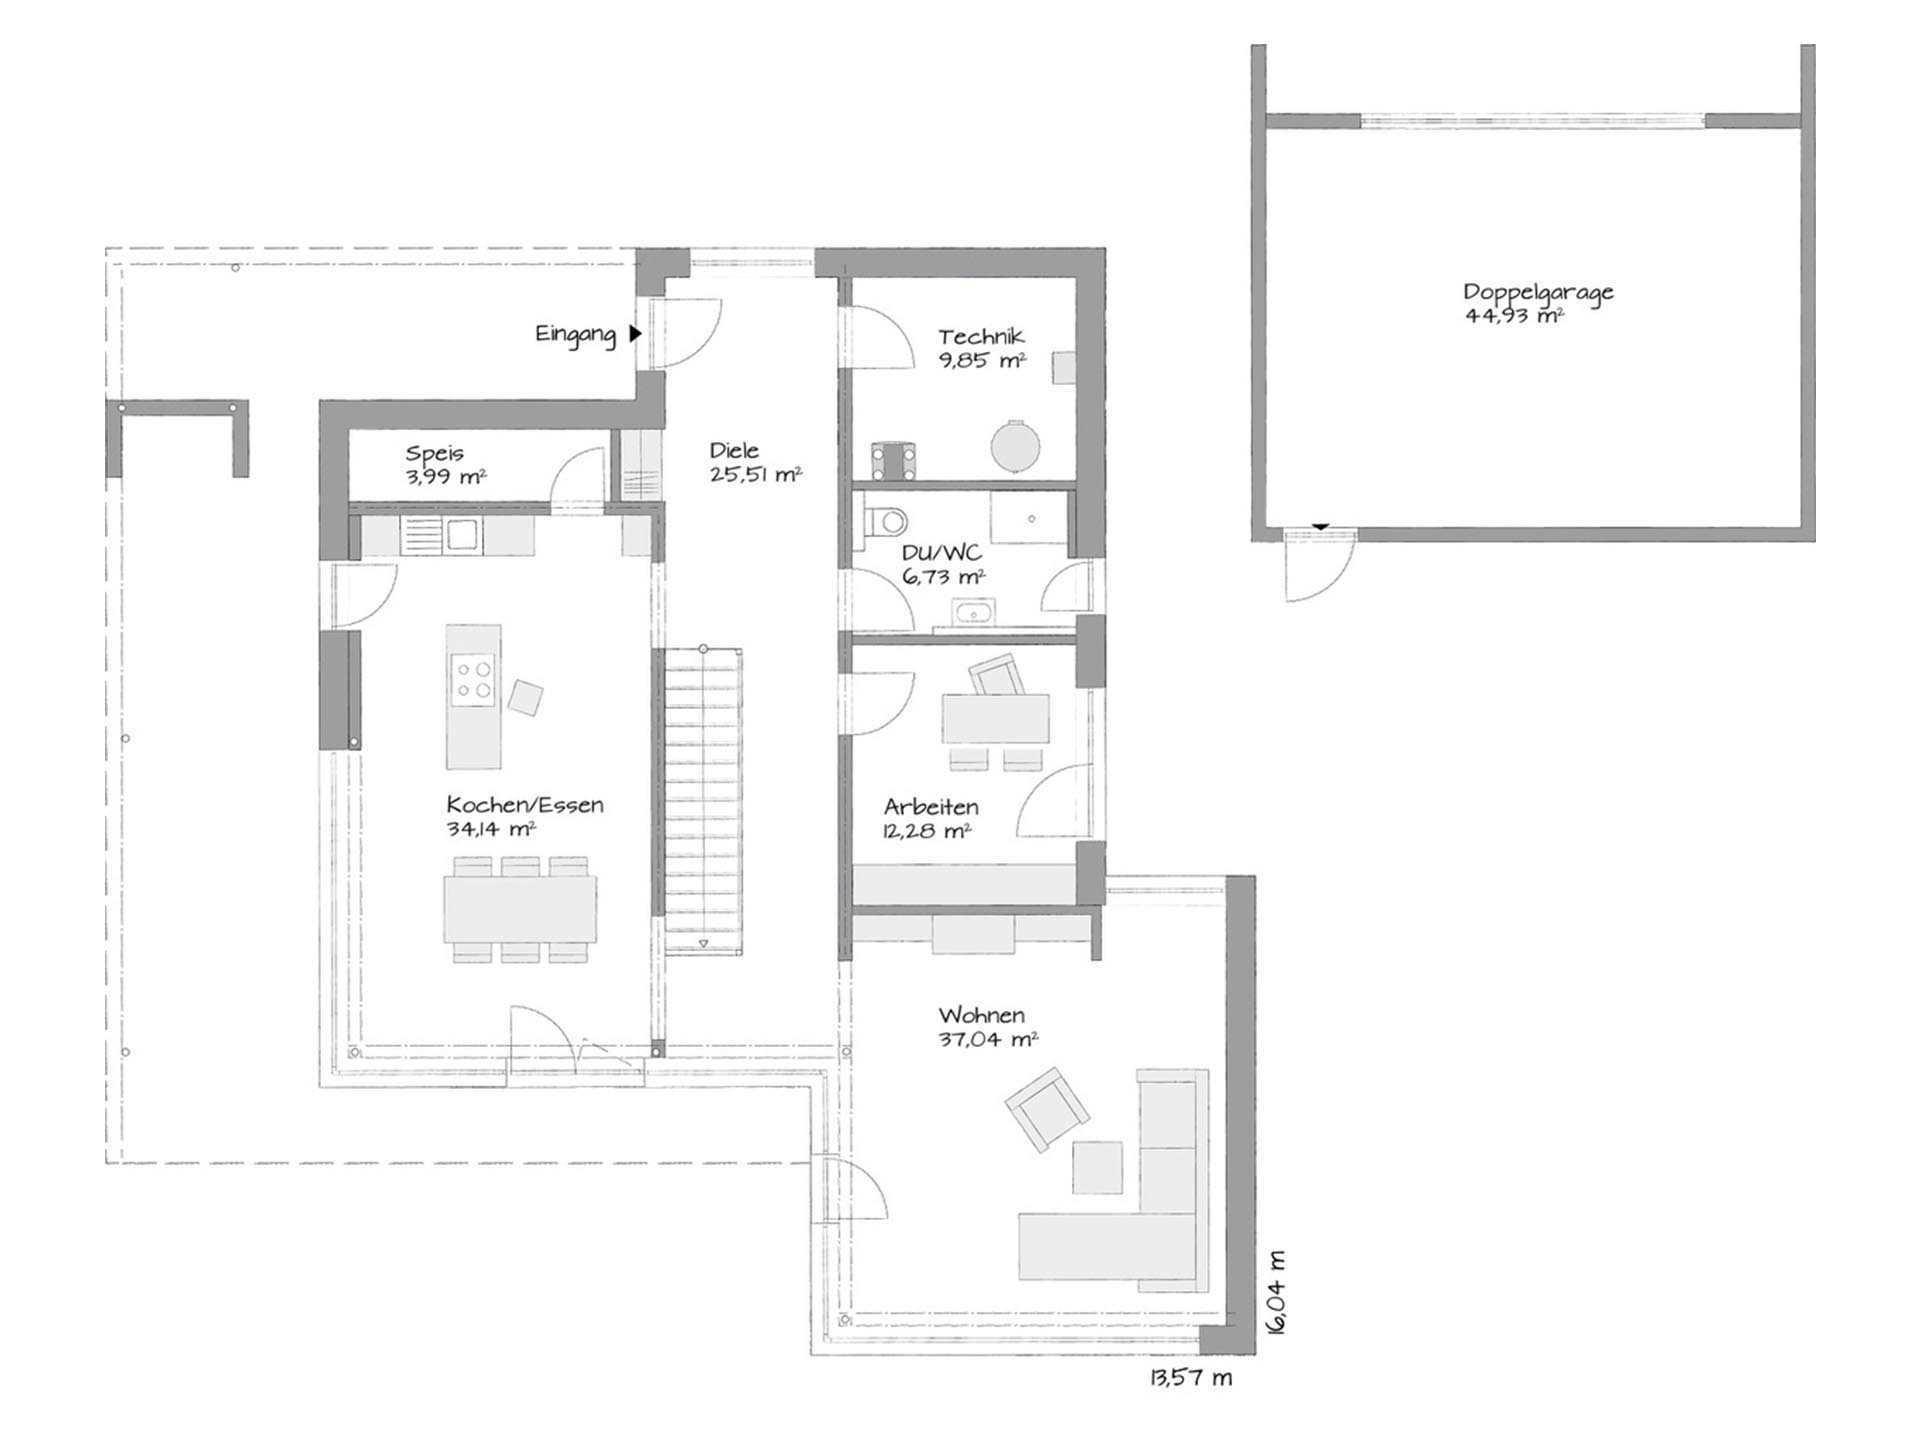 Kubos 1.2520 - Eine Nahaufnahme von einer Karte - Gebäudeplan